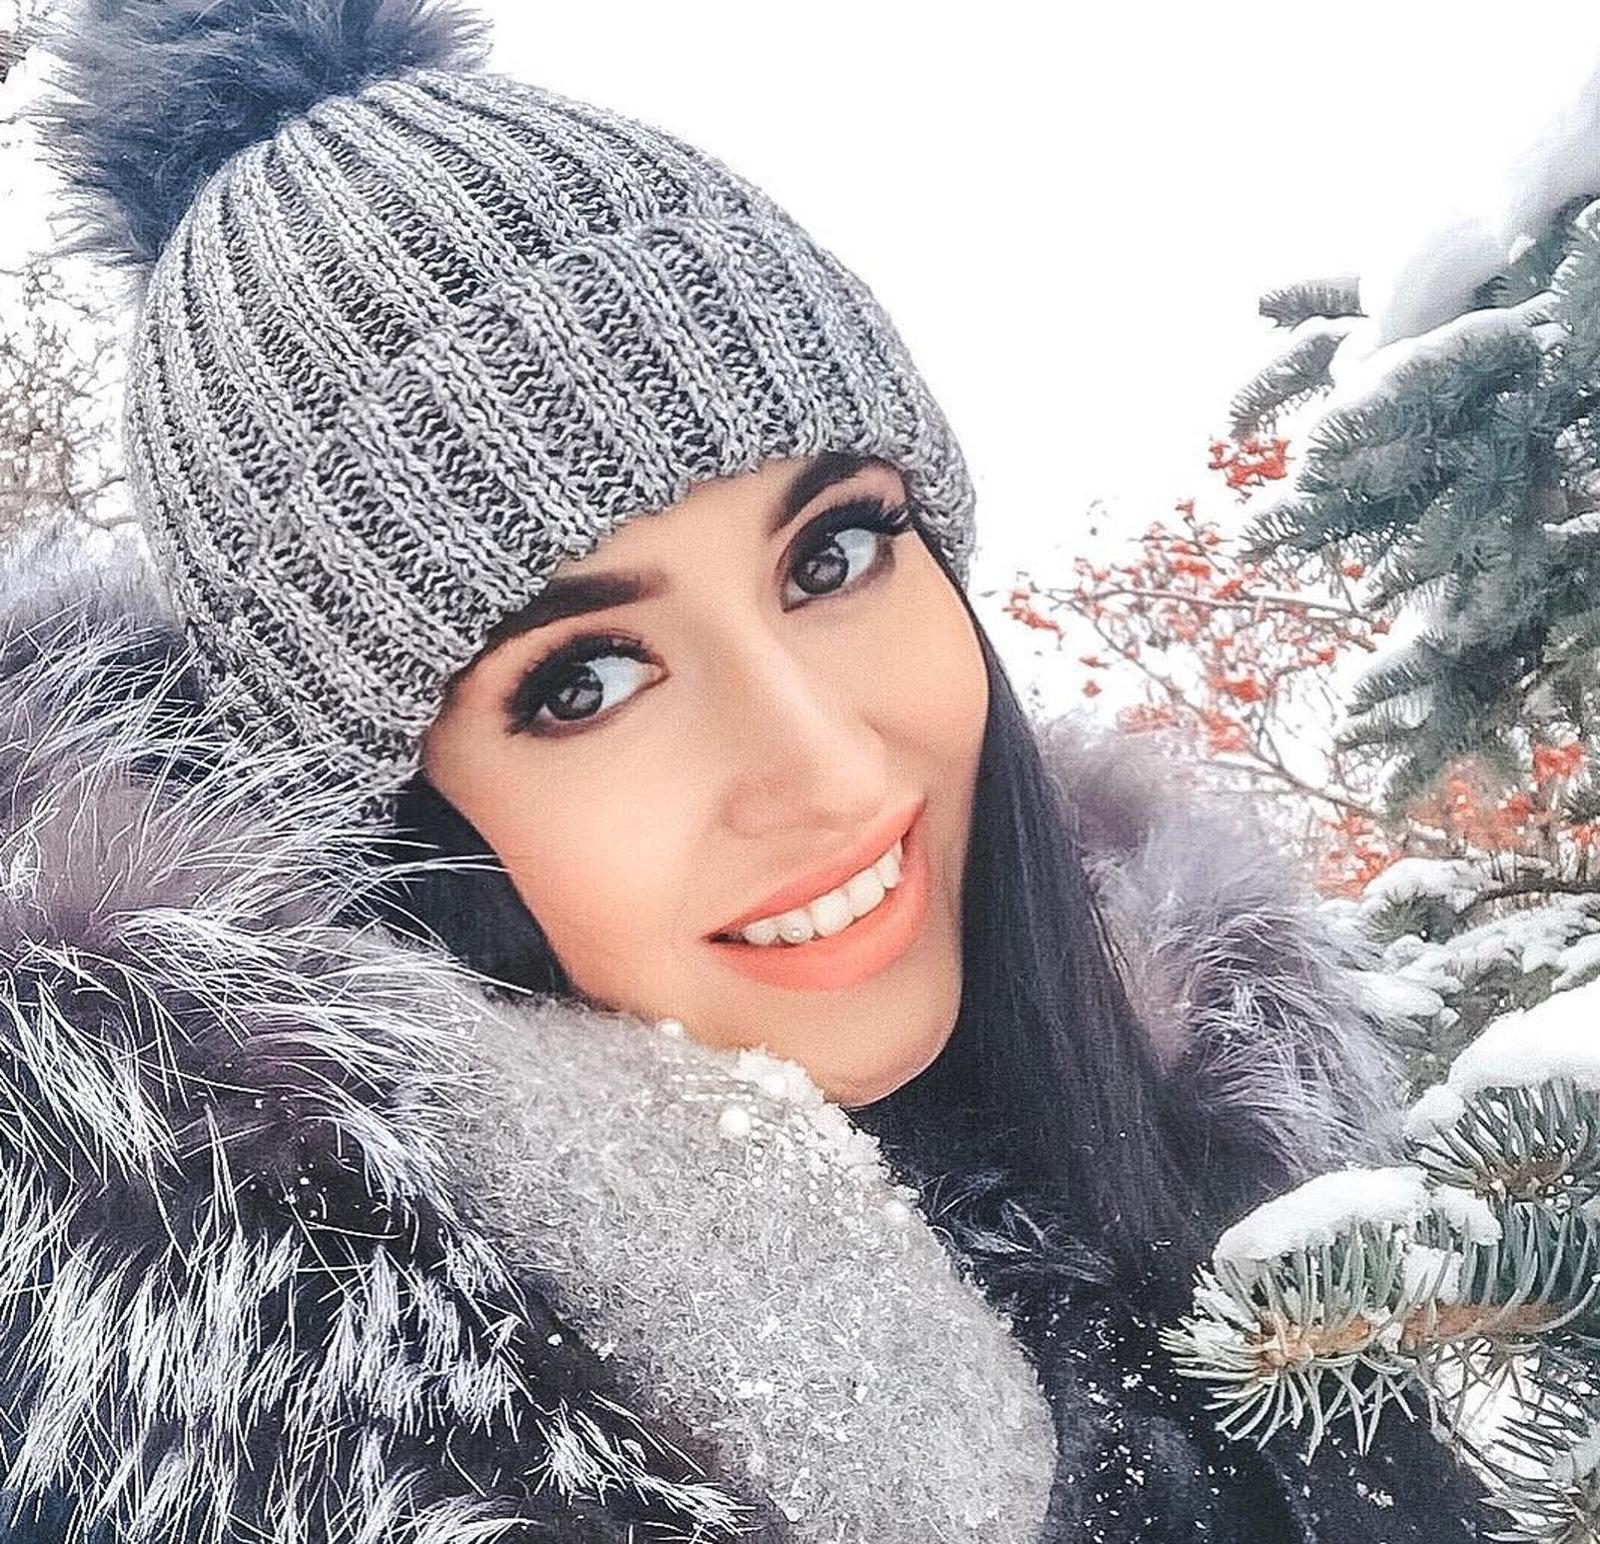 艾蓮娜·斯坦尼斯拉夫斯卡婭